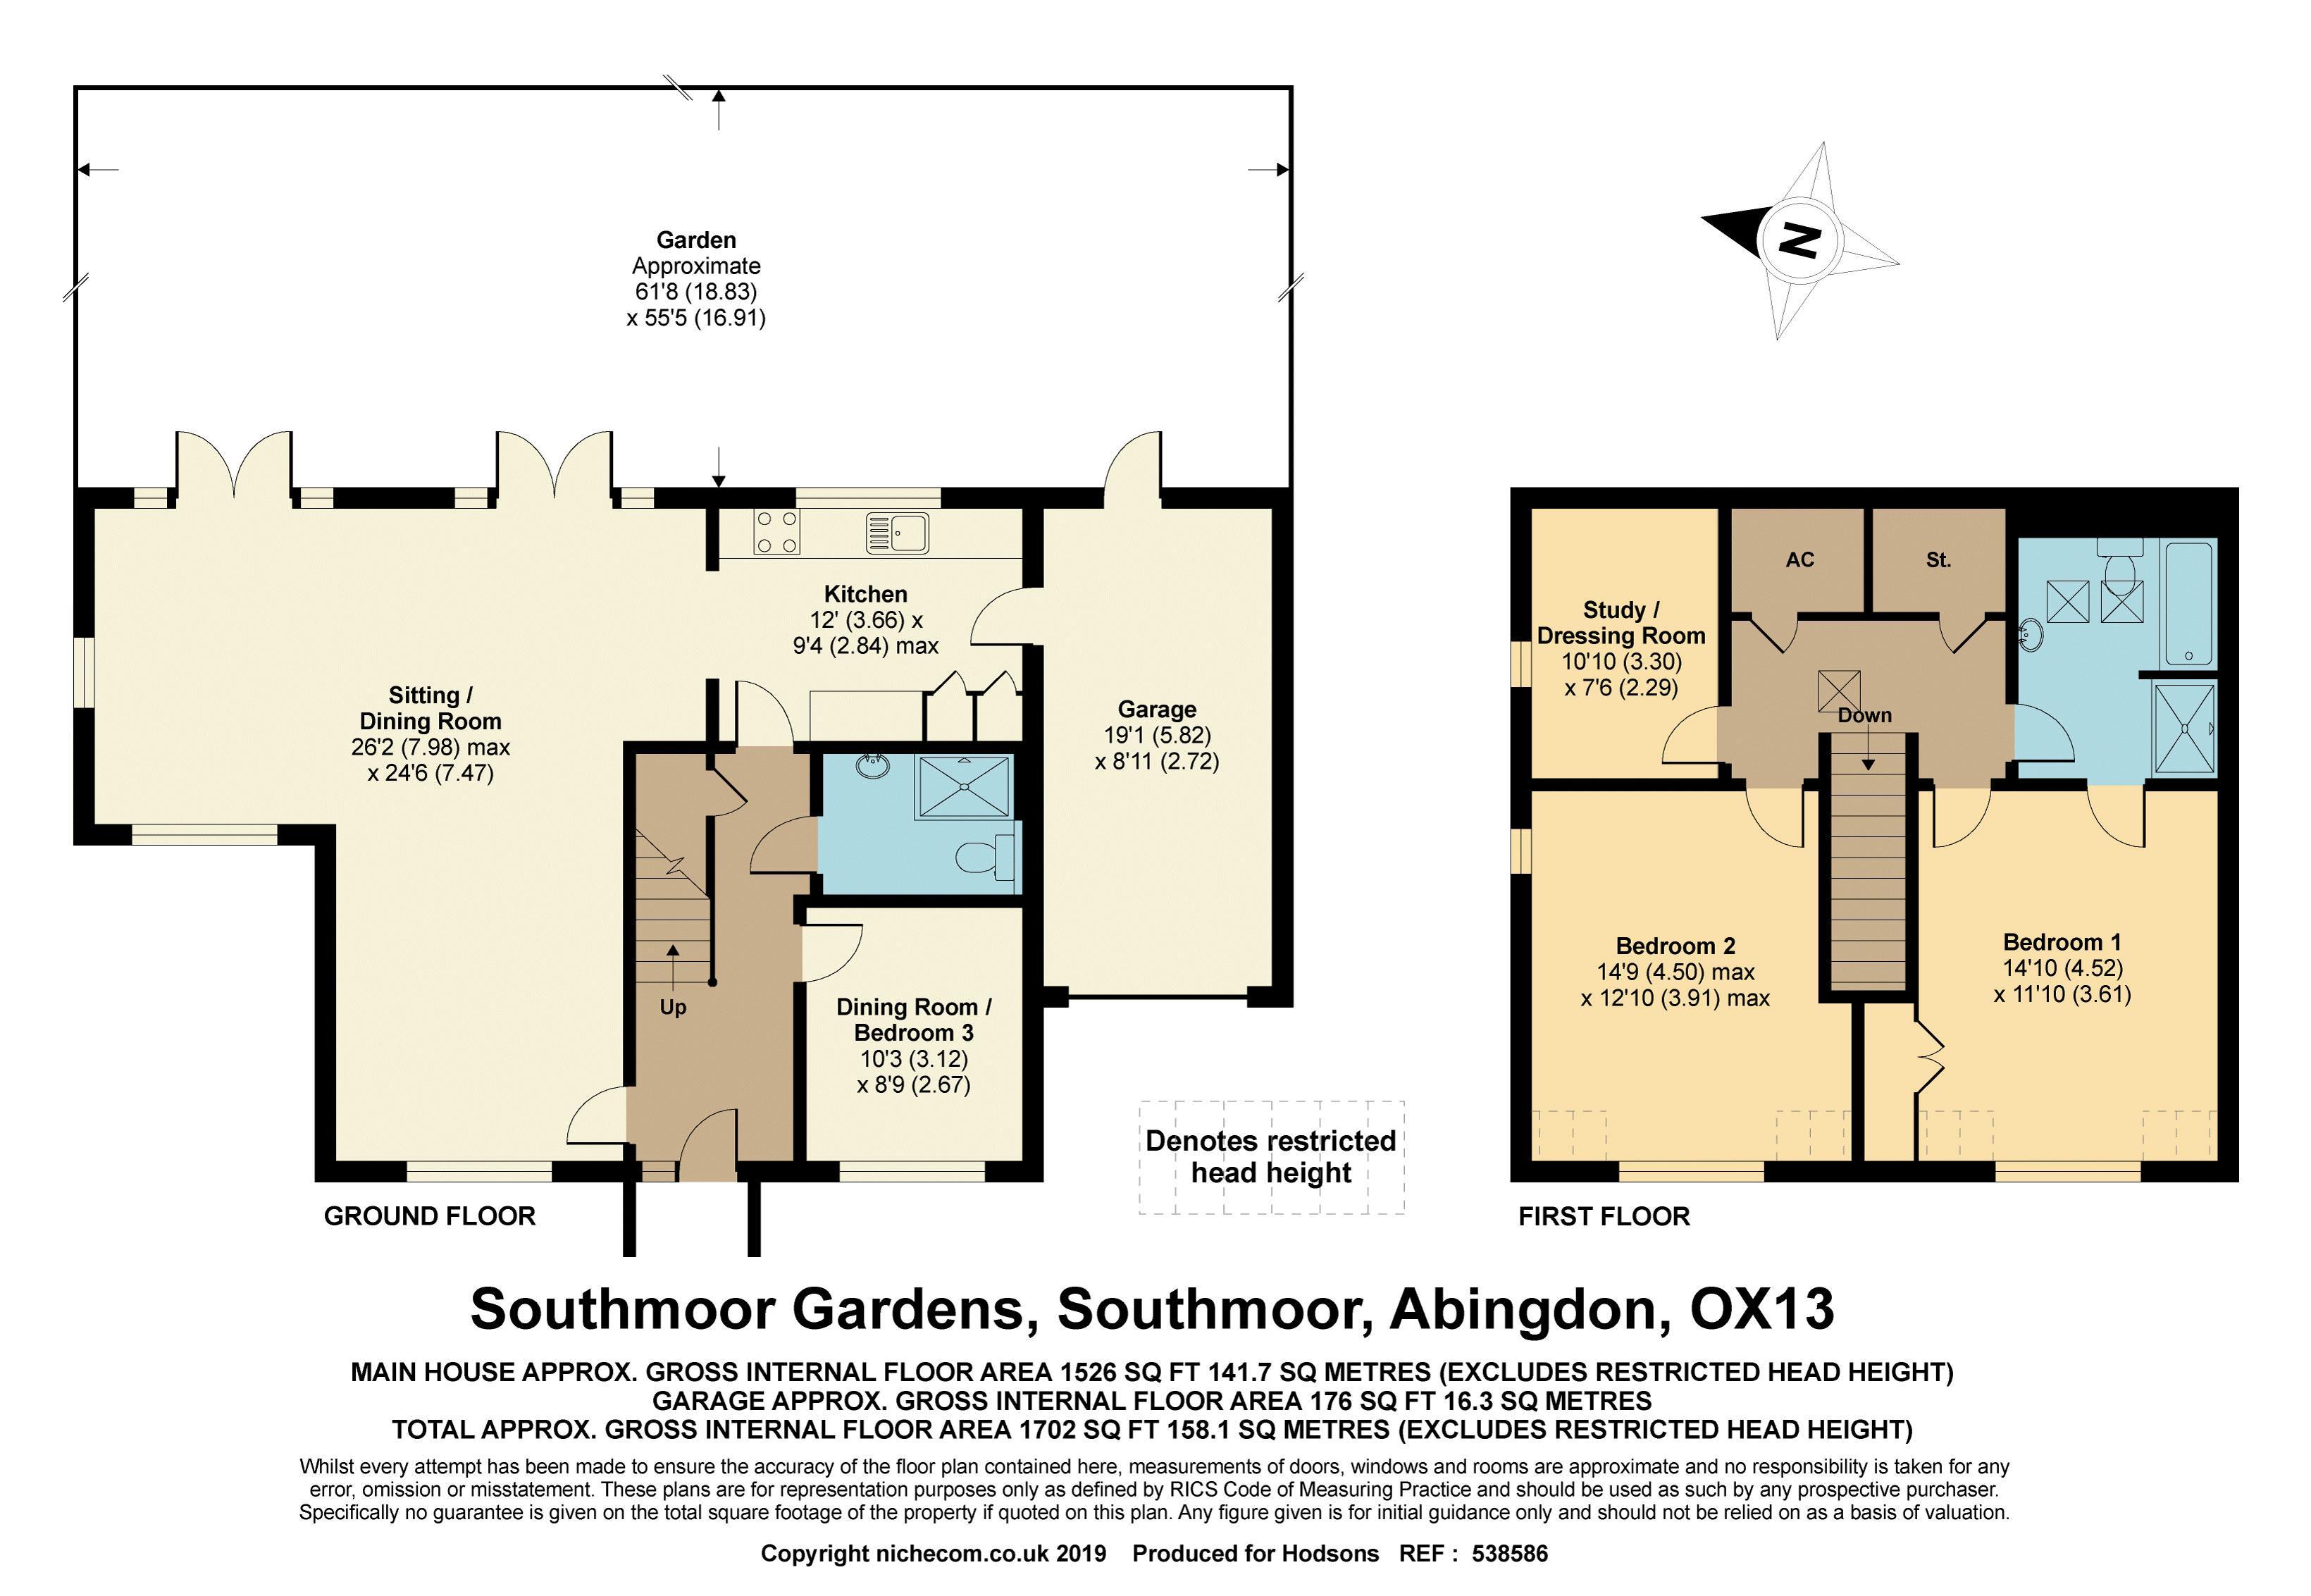 Southmoor Gardens Southmoor